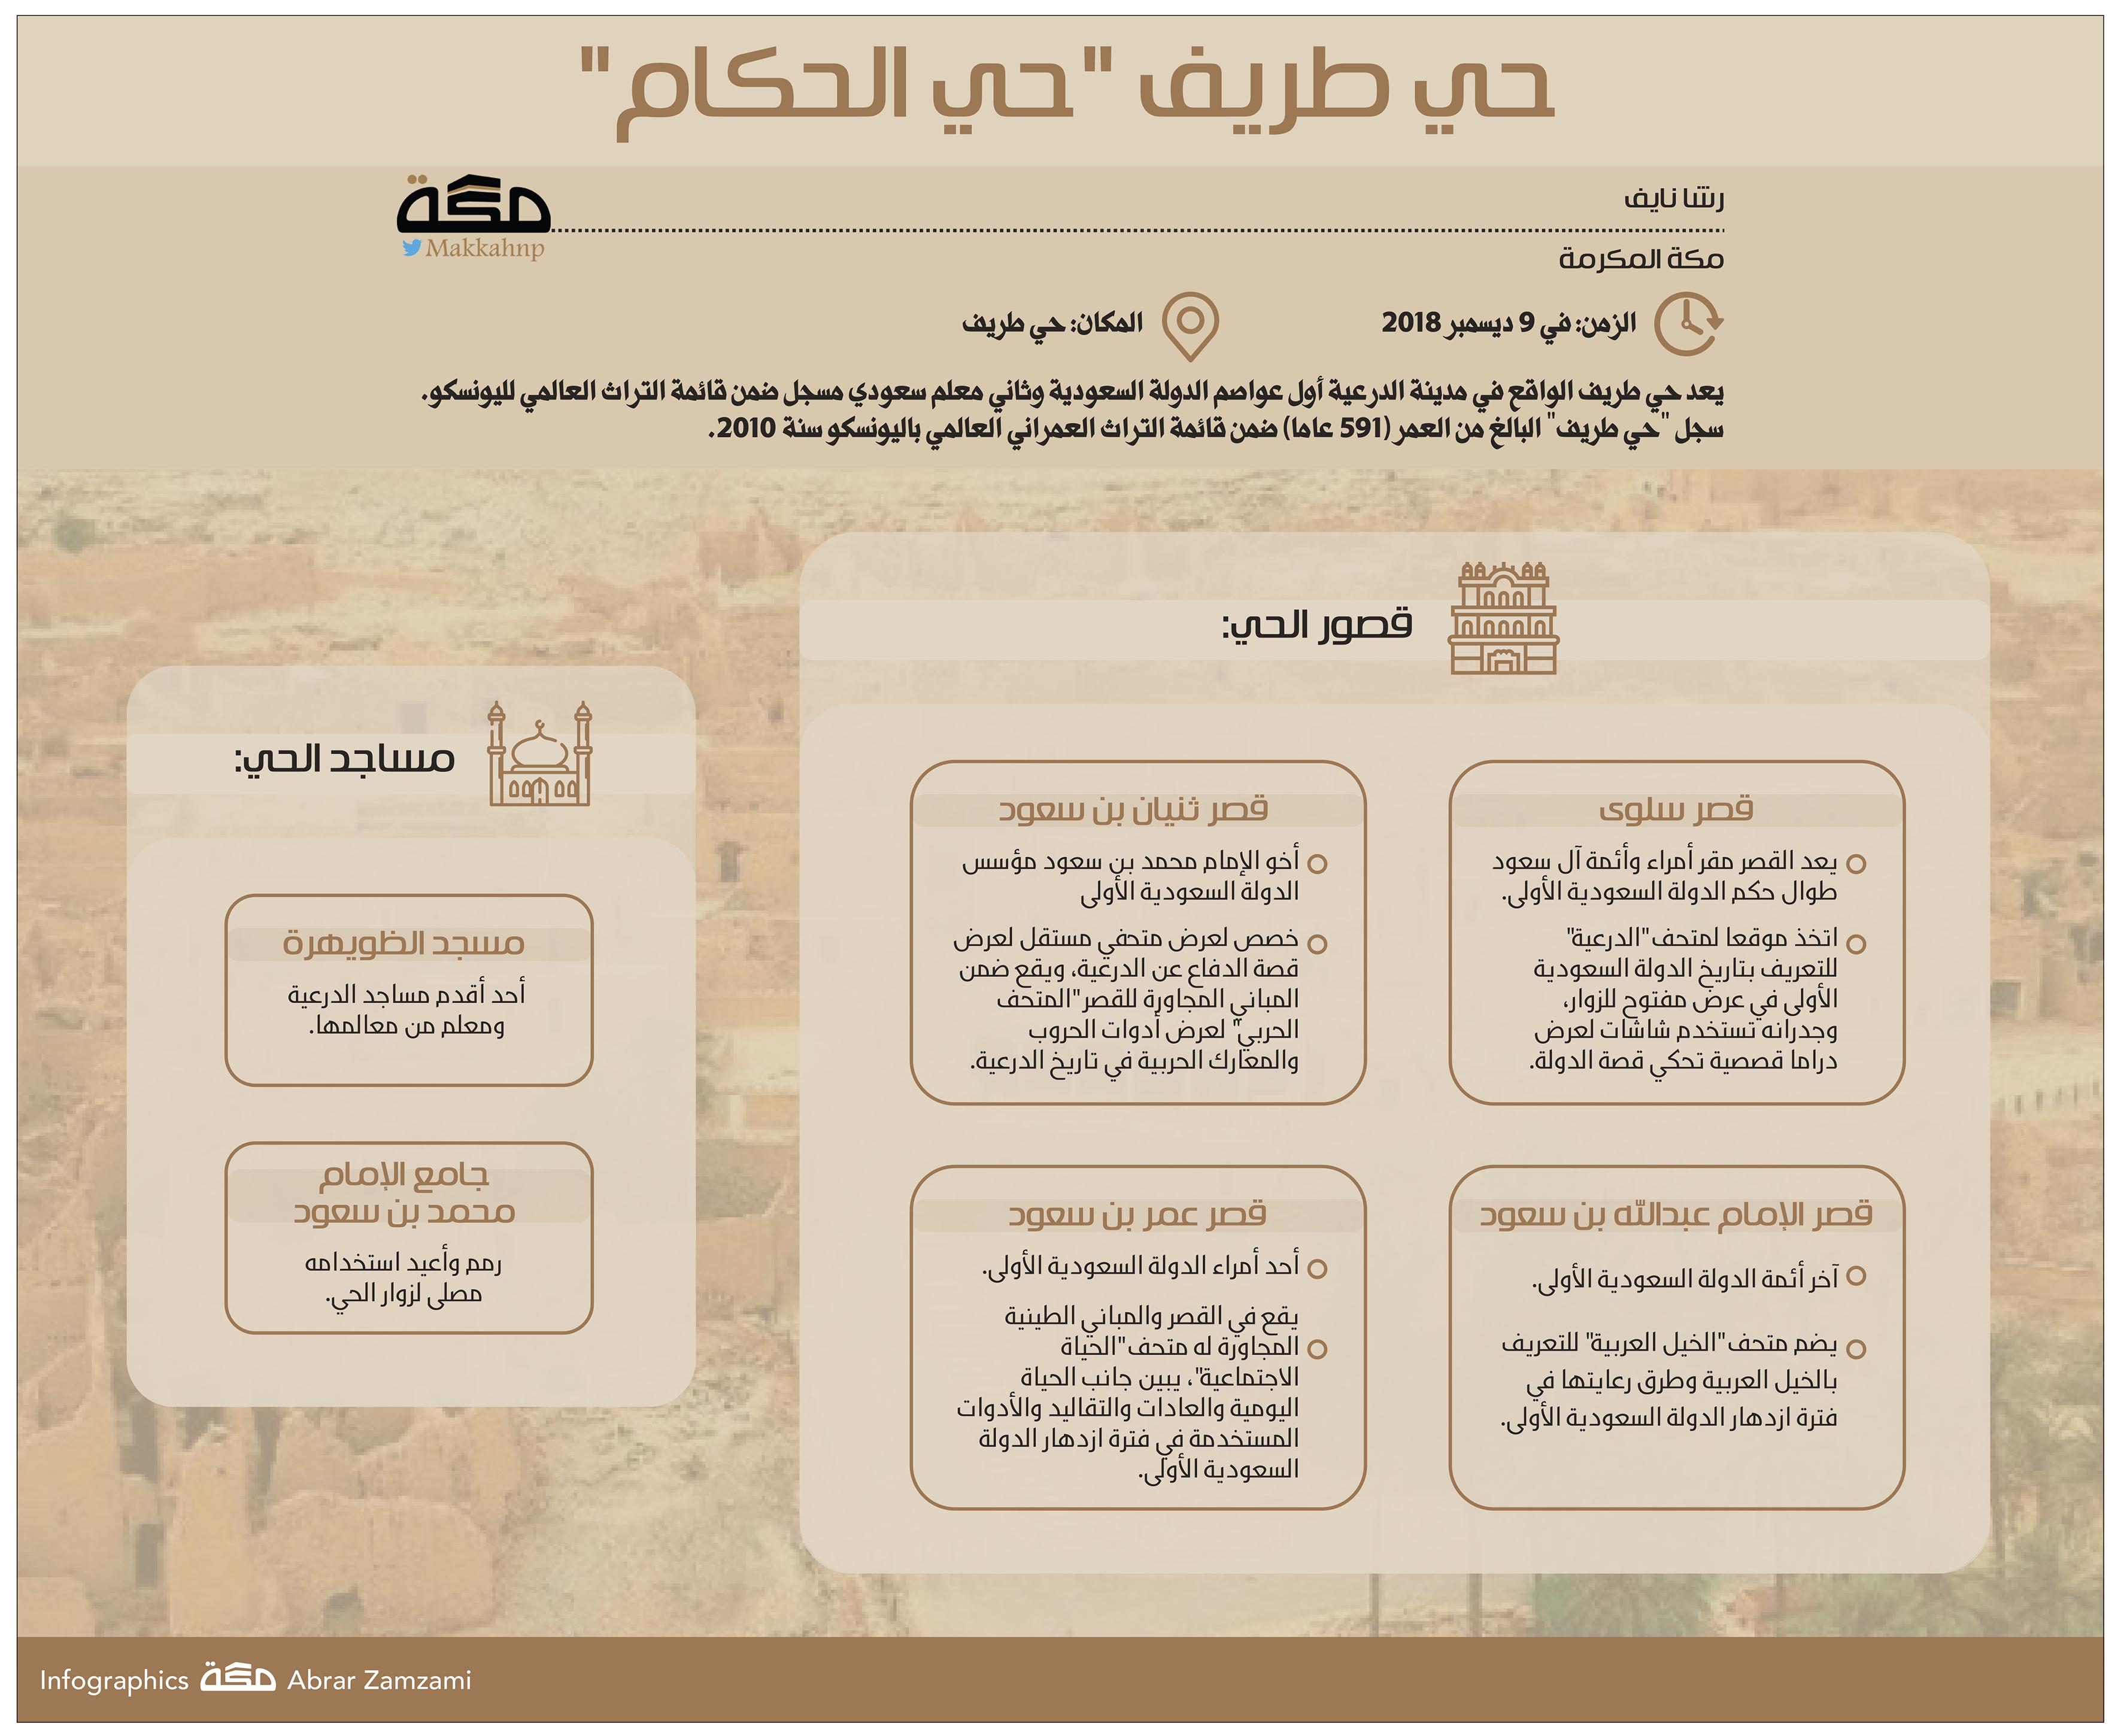 إنفوجرافيك حي طريف حي الحكام صحيفة مكة جراف Bullet Journal Infographic Personalized Items